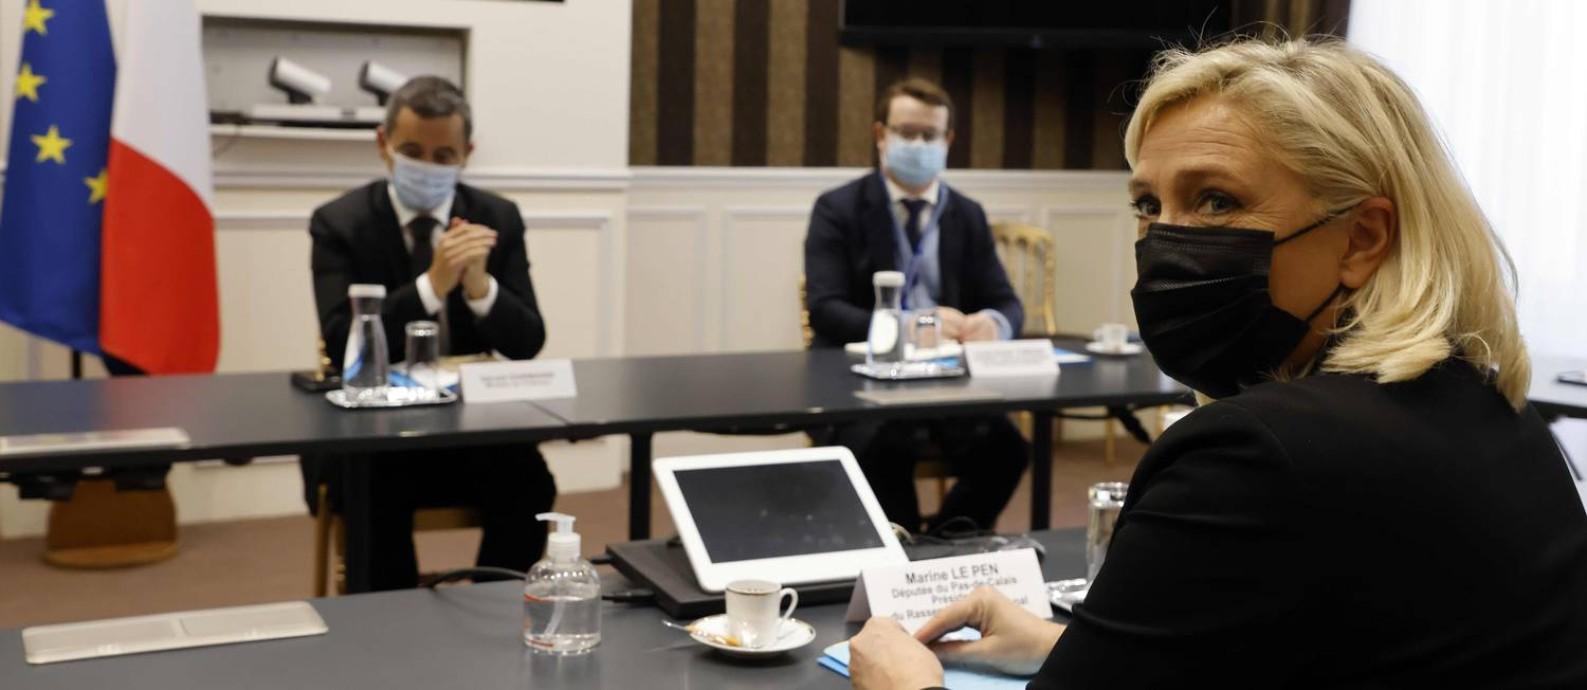 """Marine Le Pen em reunião com o ministro do Interior, Gerald Darmanin (E), para discutir legislação contra o """"separatismo islâmico"""", com a qual Macron busca atrair eleitorado da direita Foto: LUDOVIC MARIN / AFP/4-10-2020"""